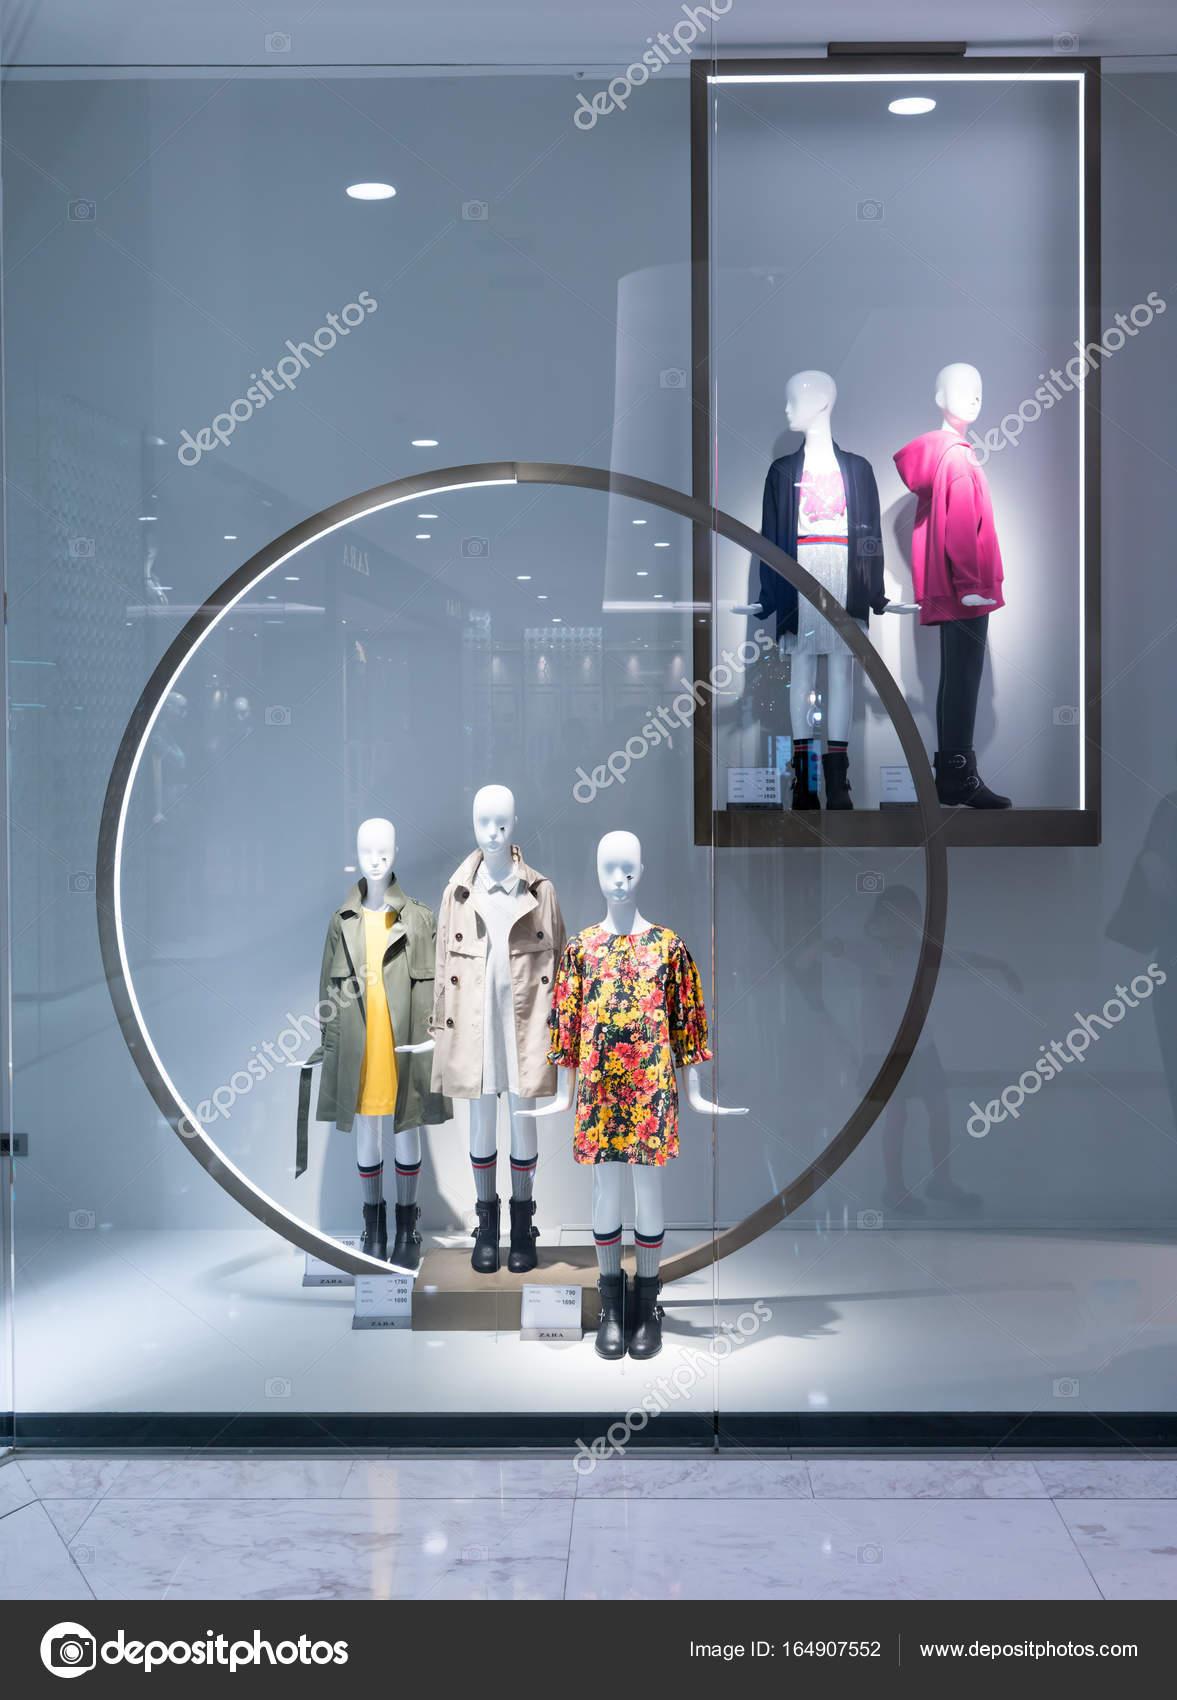 Zara shop at Emquartier Thailand, fashionable brand window